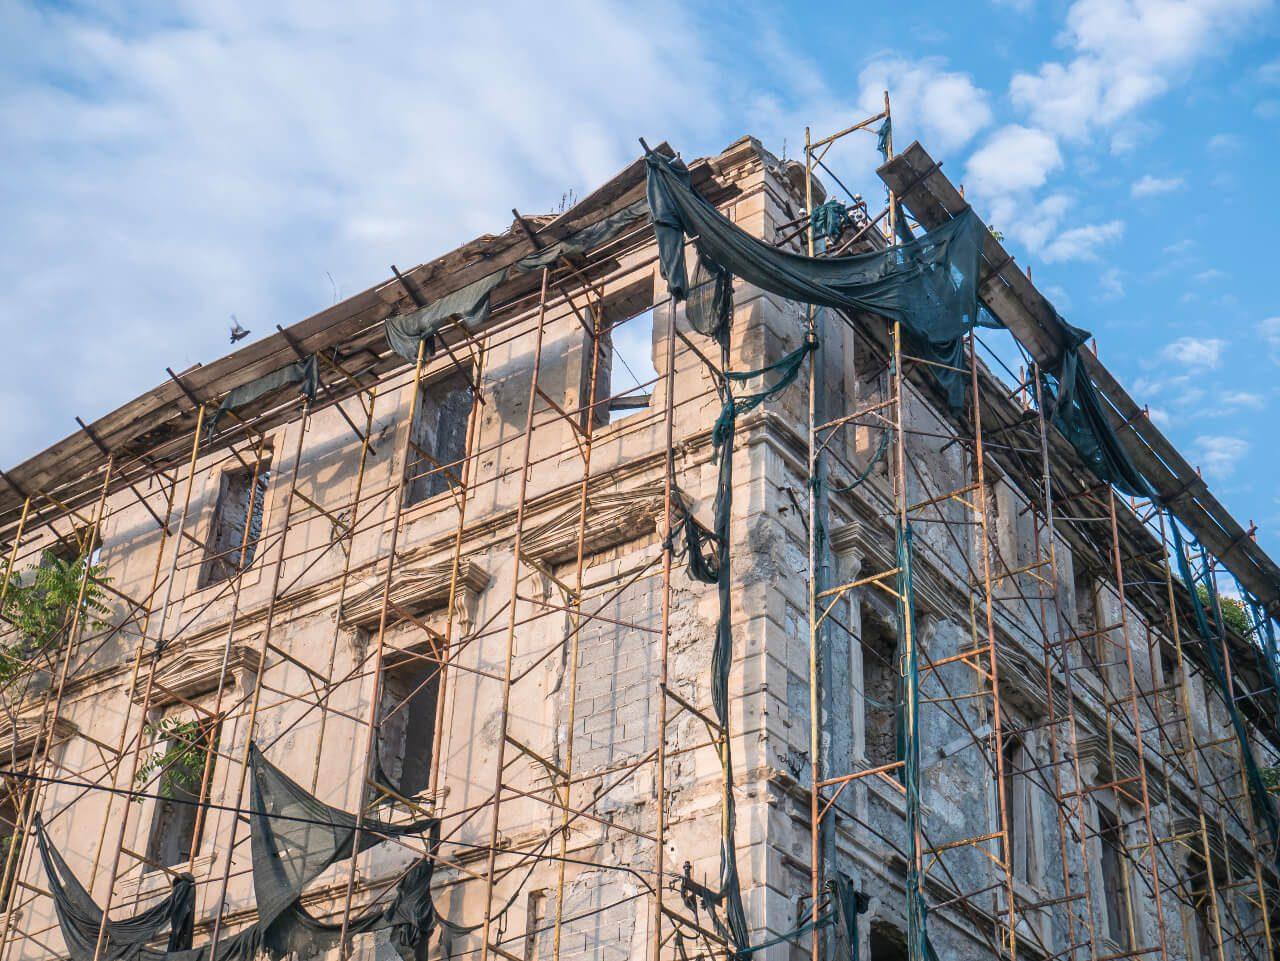 Ruiny budynku na ulicy Marszala Tita w Mostarze